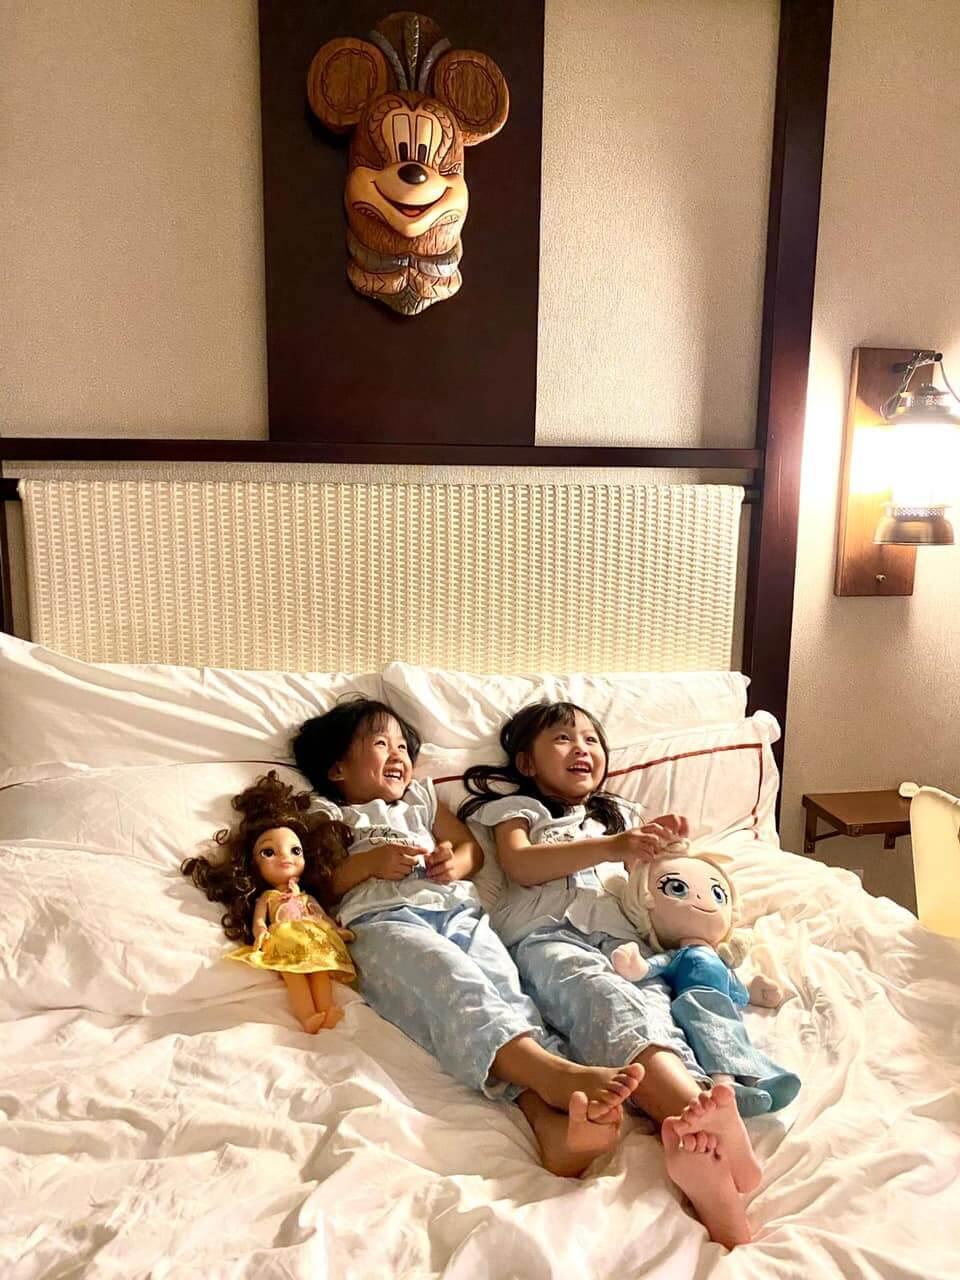 生完兩個女兒後,令她的世界變得更大,因為女兒很需要她照顧。